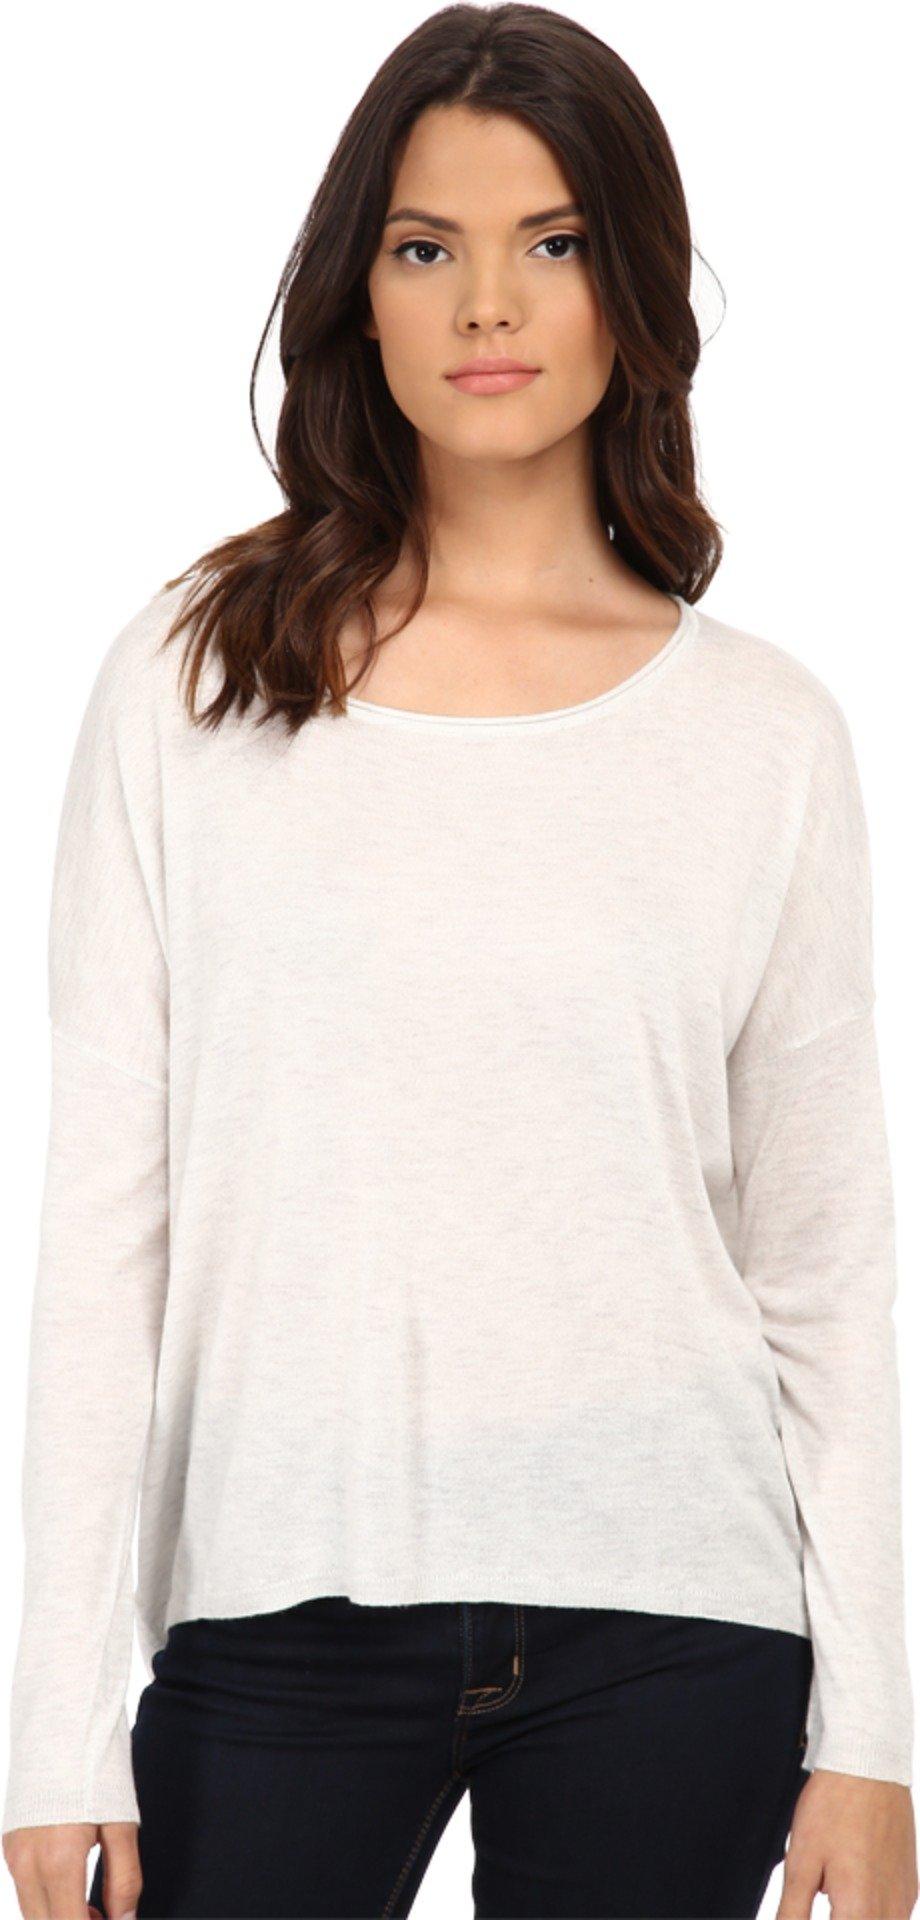 Splendid Women's Blend Pullover, Heather White, Large